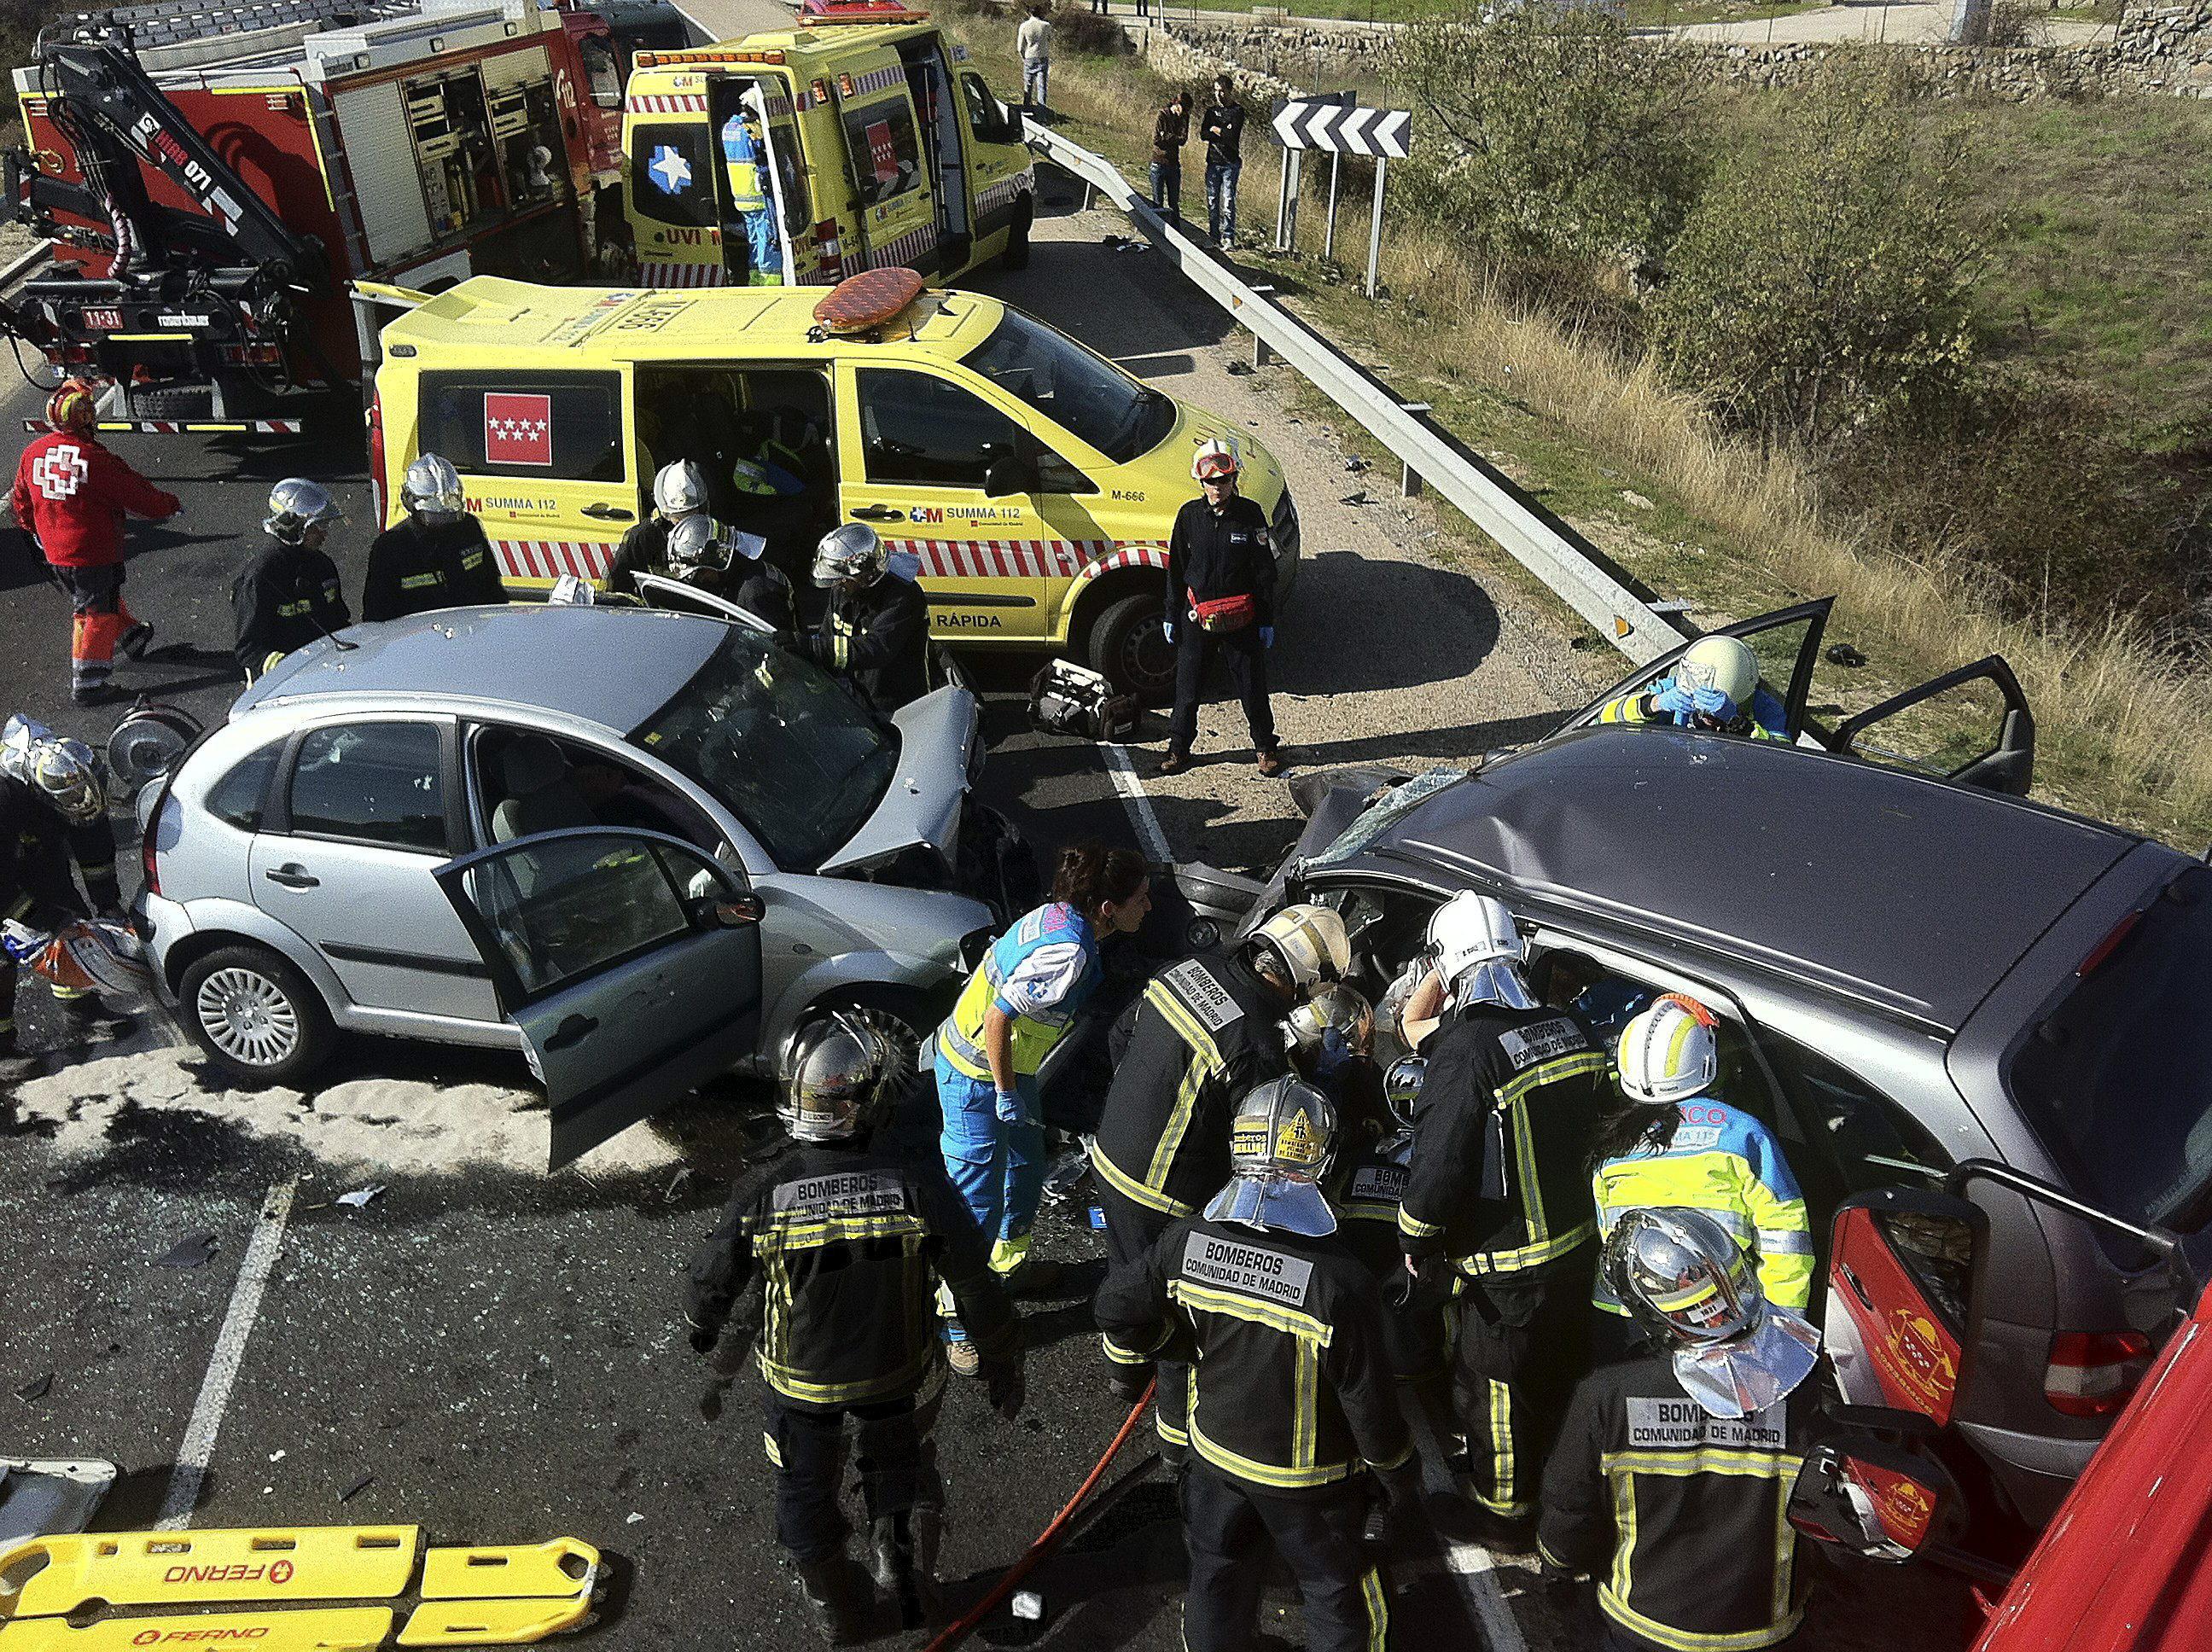 Un fallecido y dos heridos graves en un choque frontal en la M-607 (Madrid)